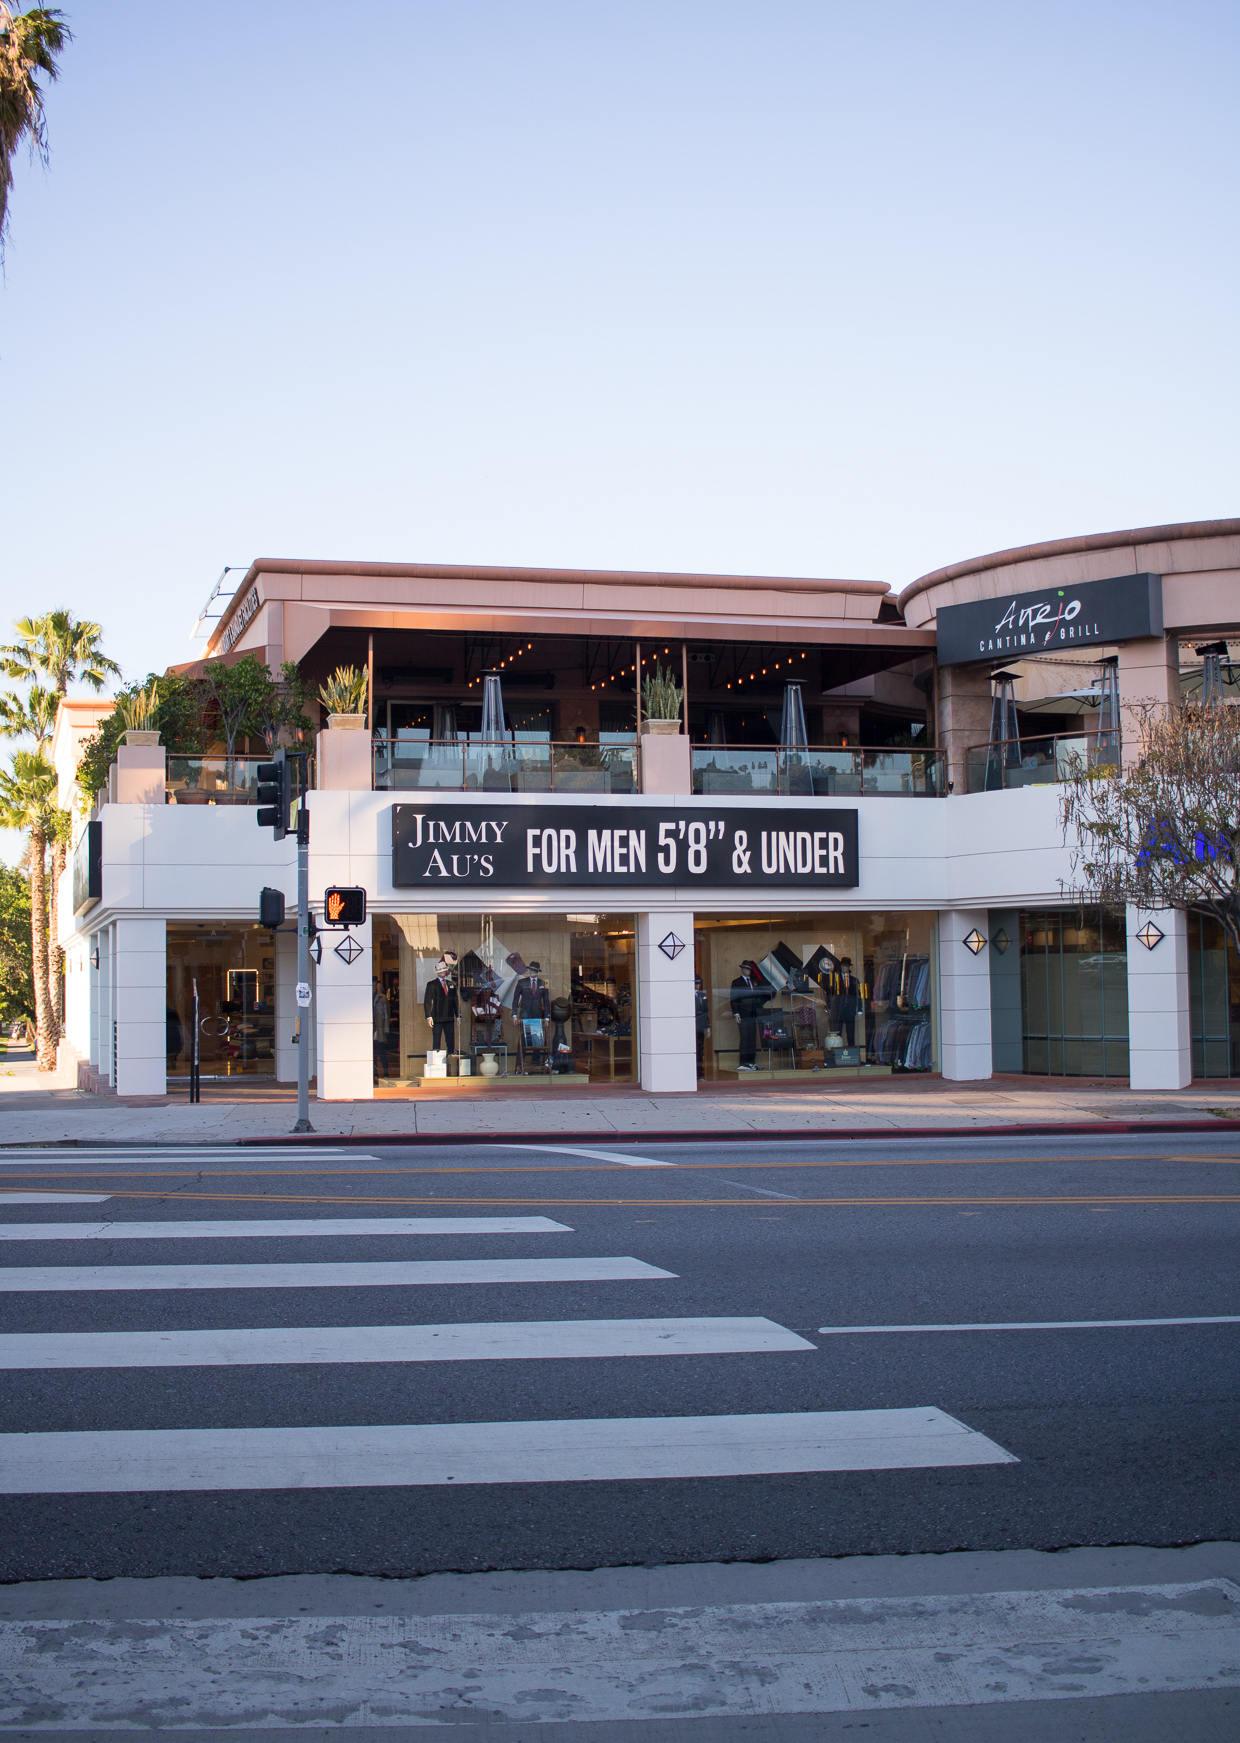 Jimmy Aus retail shop